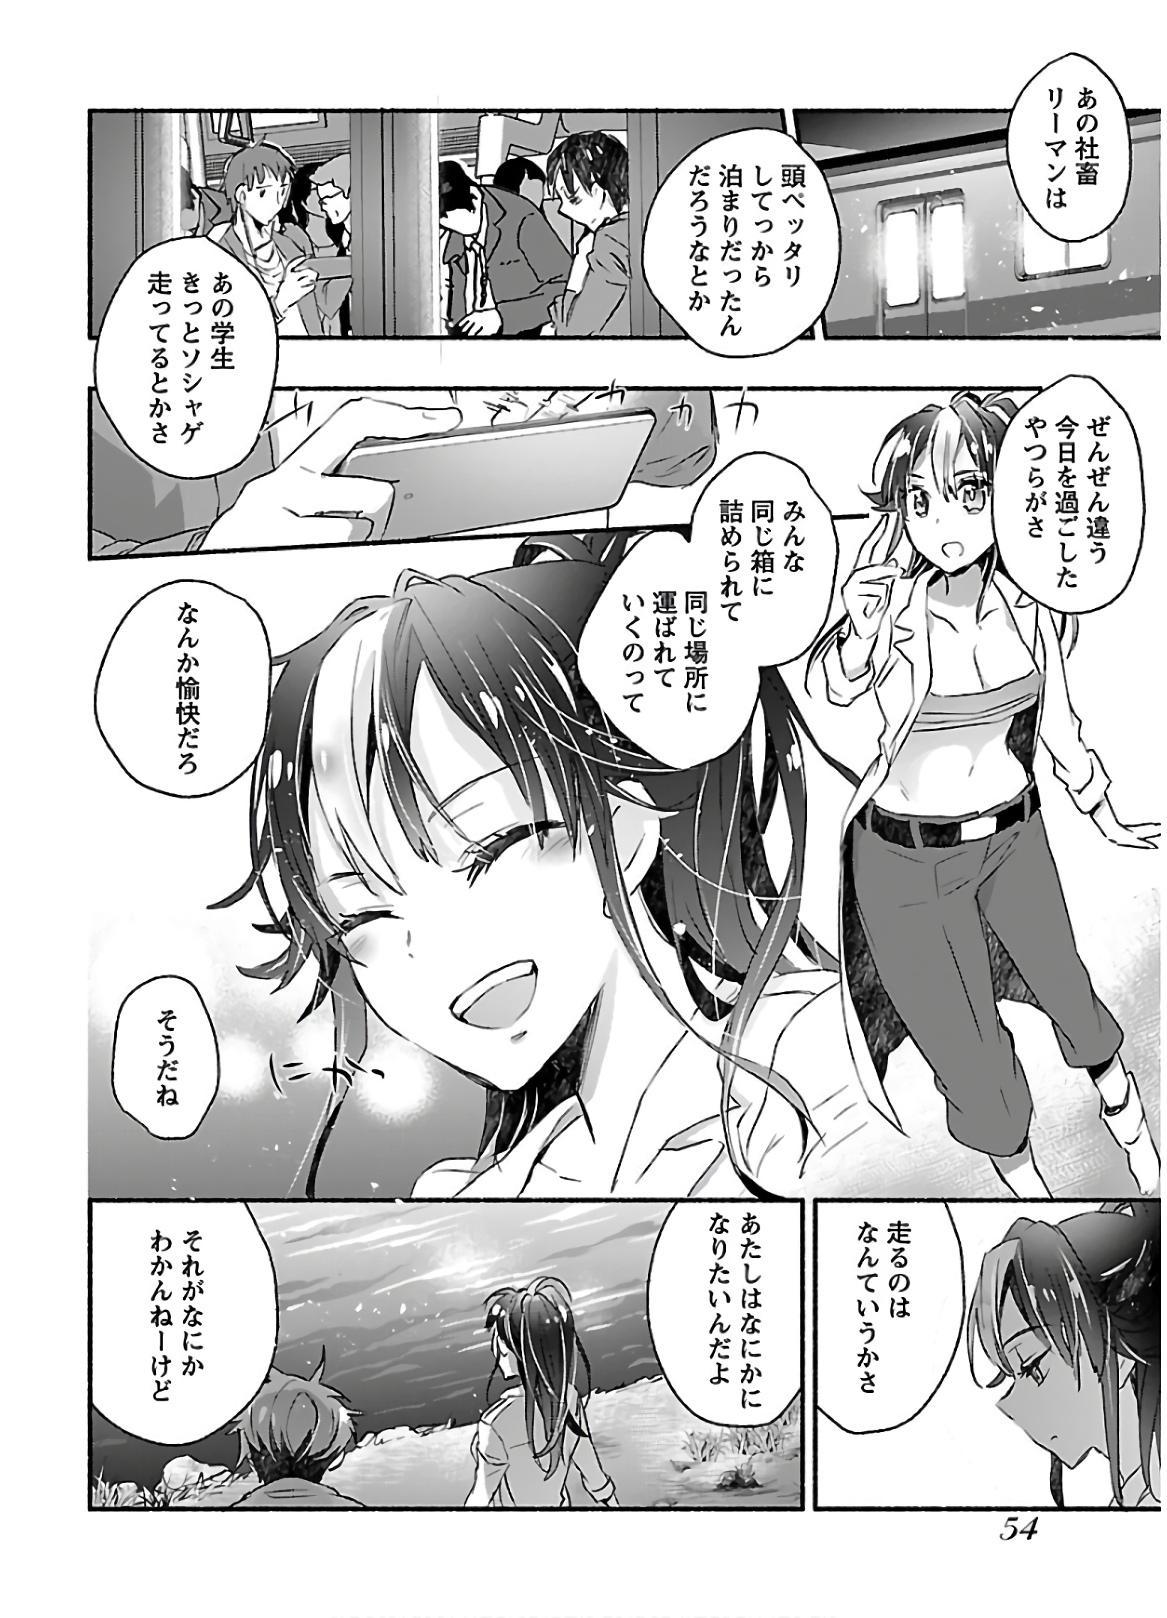 Yankii musume ni natsukarete kotoshi mo juken ni shippai shisou desu  vol.1 55